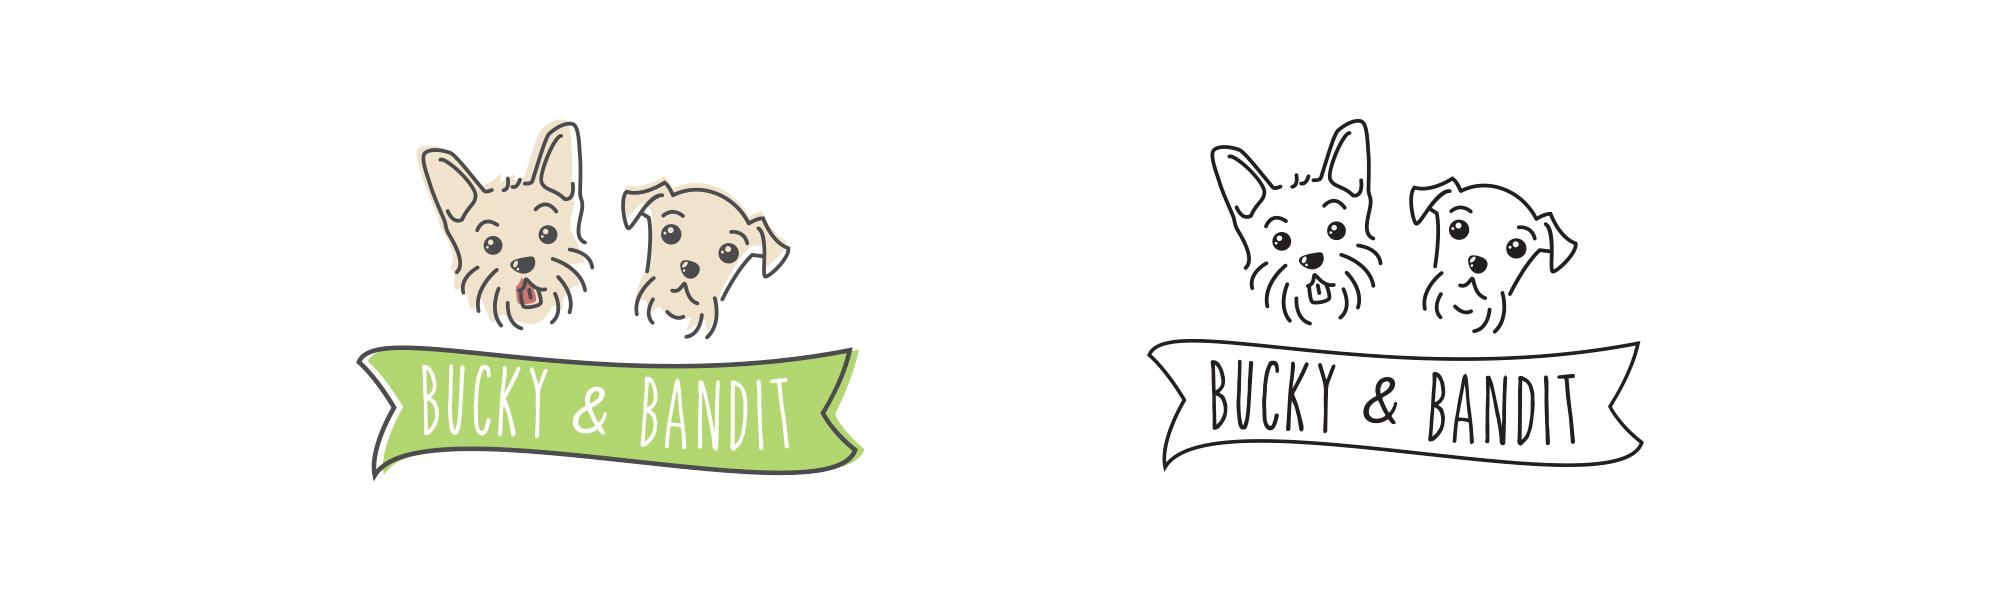 Bucky_and_bandit_logos_web.jpg